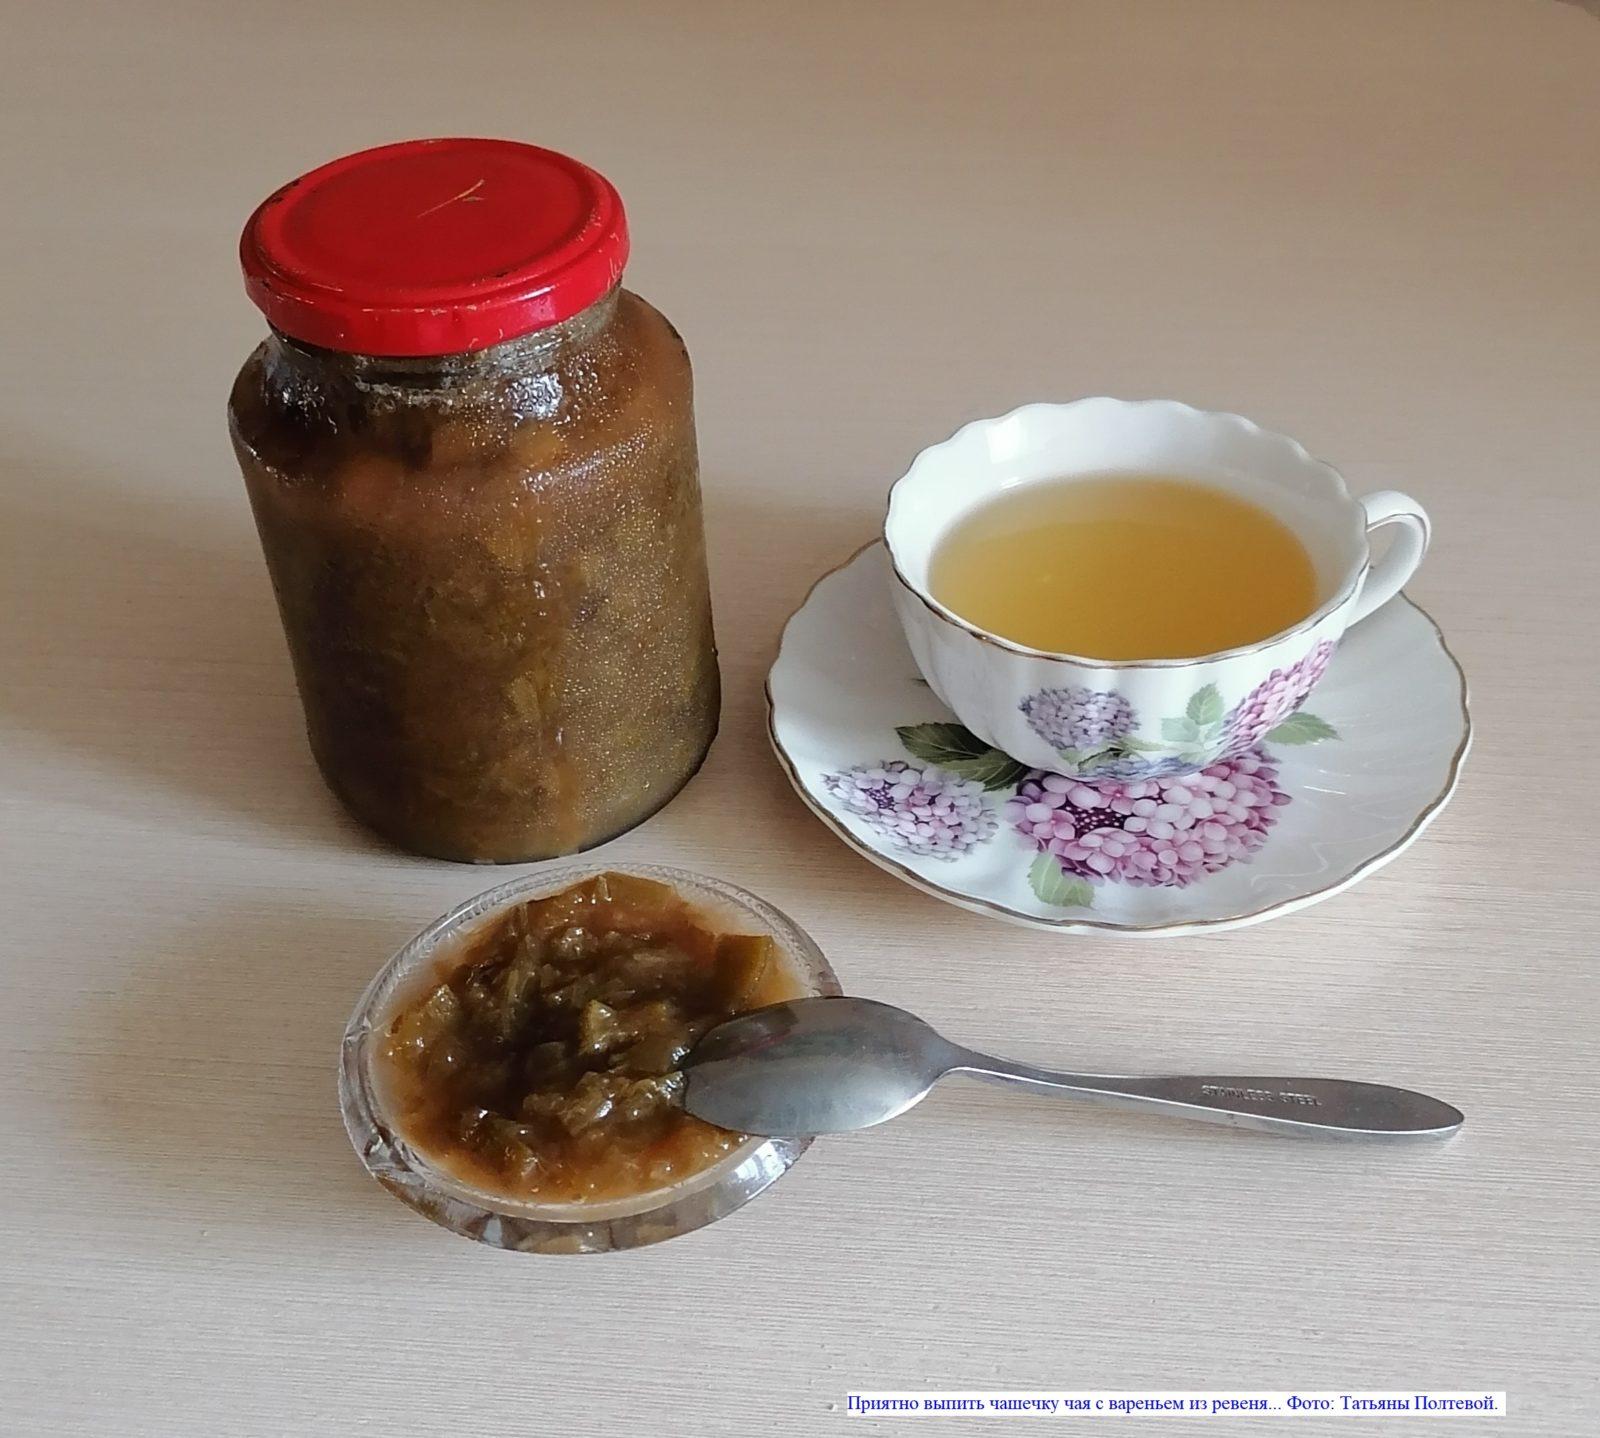 Приятно выпить чашечку чая с вареньем из ревеня...